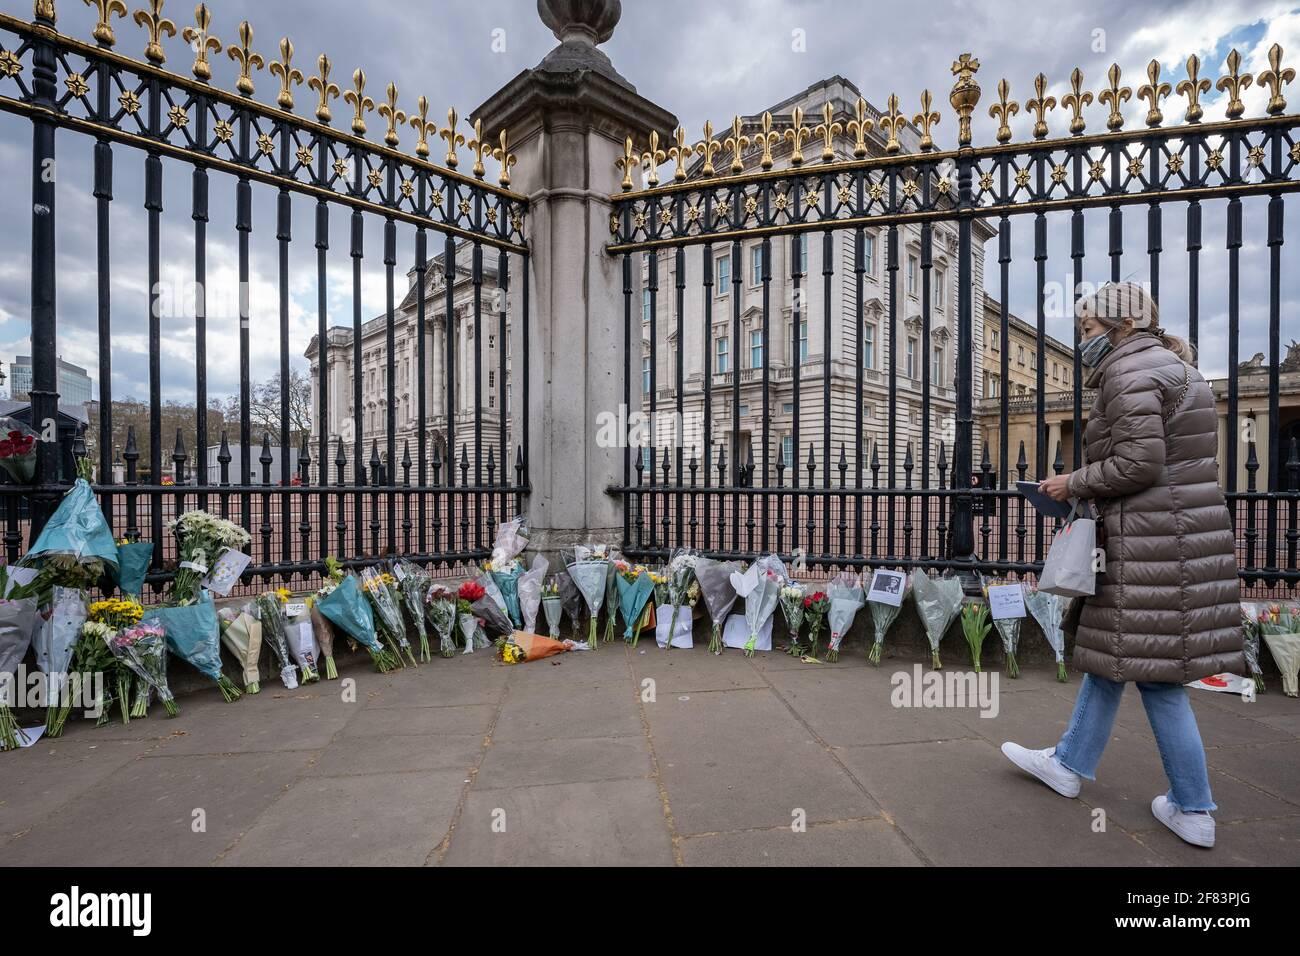 Londres, Royaume-Uni. 11 avril 2021. Décès du prince Philip : les habitants et les touristes continuent d'apporter des fleurs et de rendre hommage aux portes du palais de Buckingham au duc d'Édimbourg décédé vendredi à l'âge de 99 ans. Credit: Guy Corbishley/Alamy Live News Banque D'Images